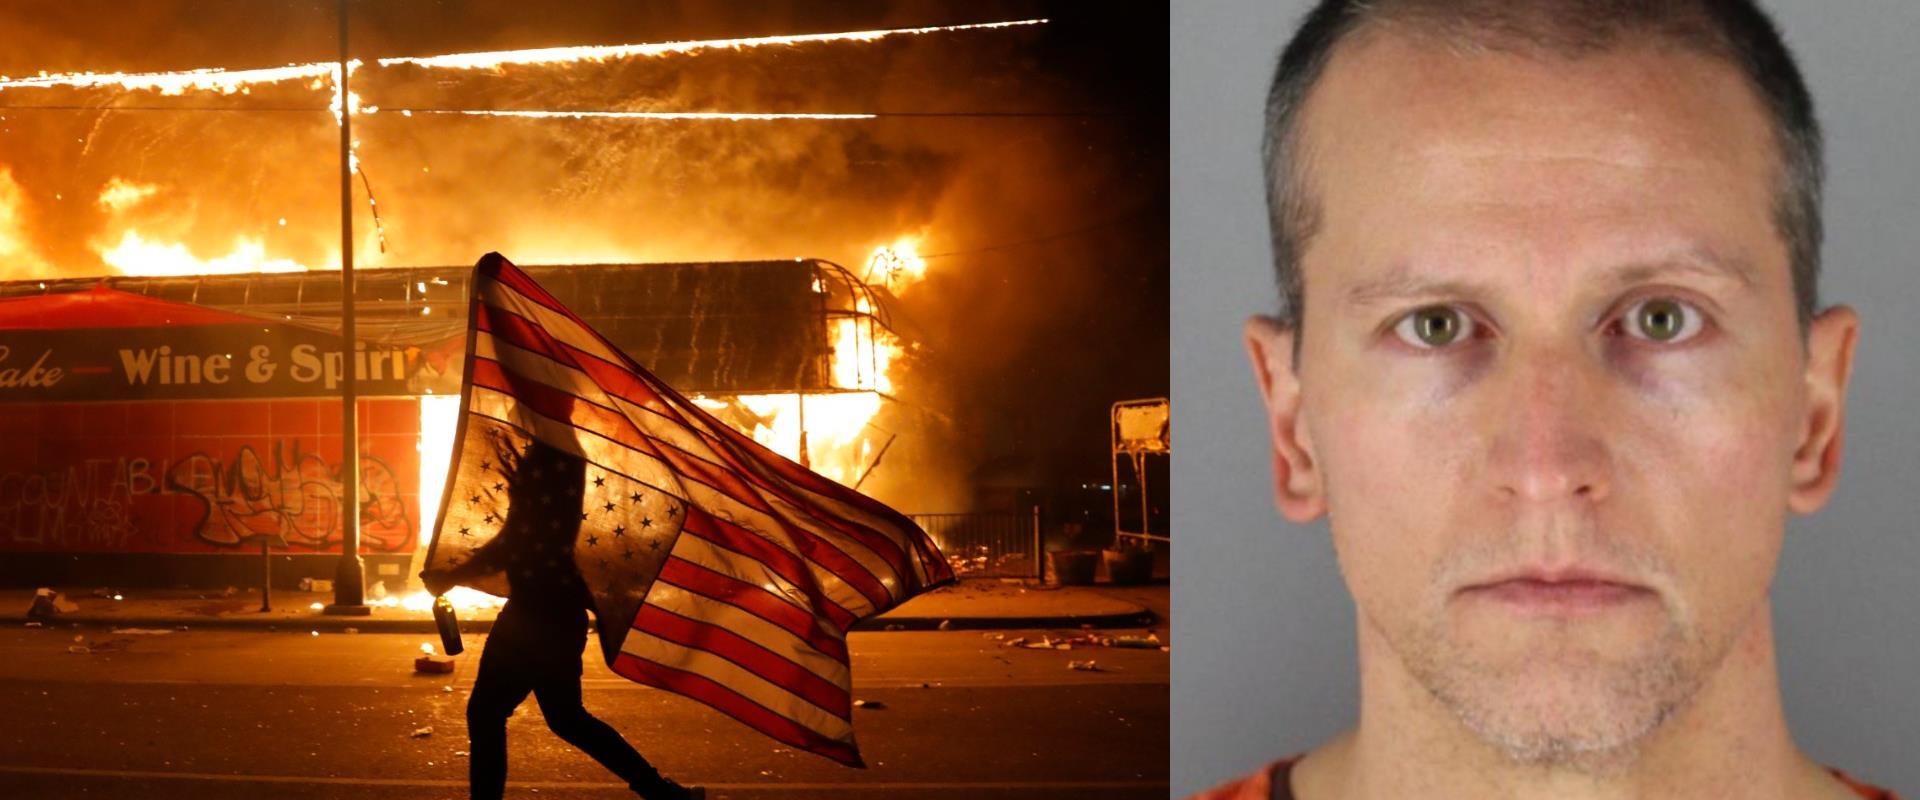 דרק שובין, השוטר הנאשם ברצח ג'ורג' פלויד